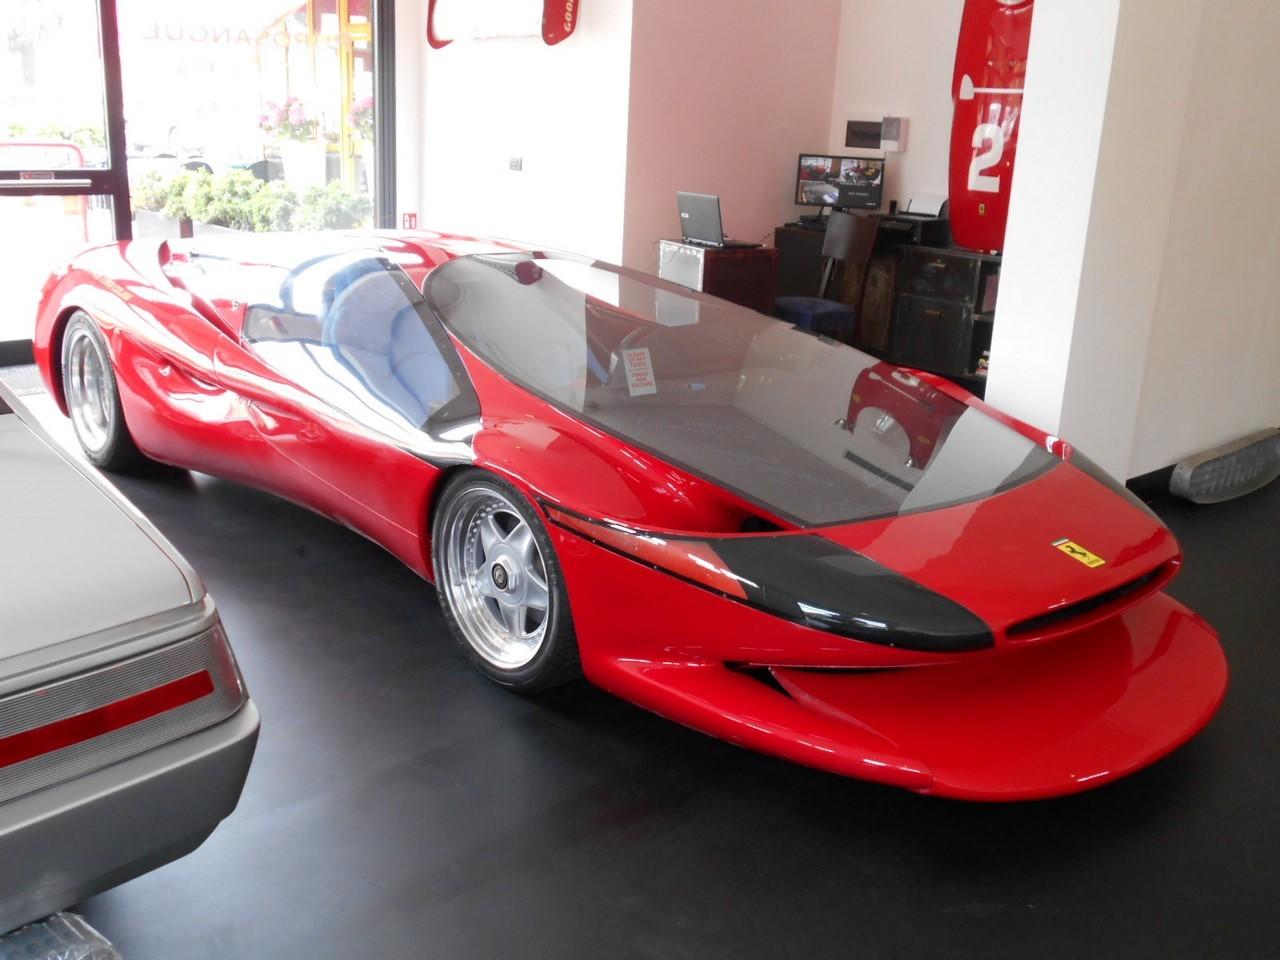 Insolite : une Ferrari de 750 ch faite maison